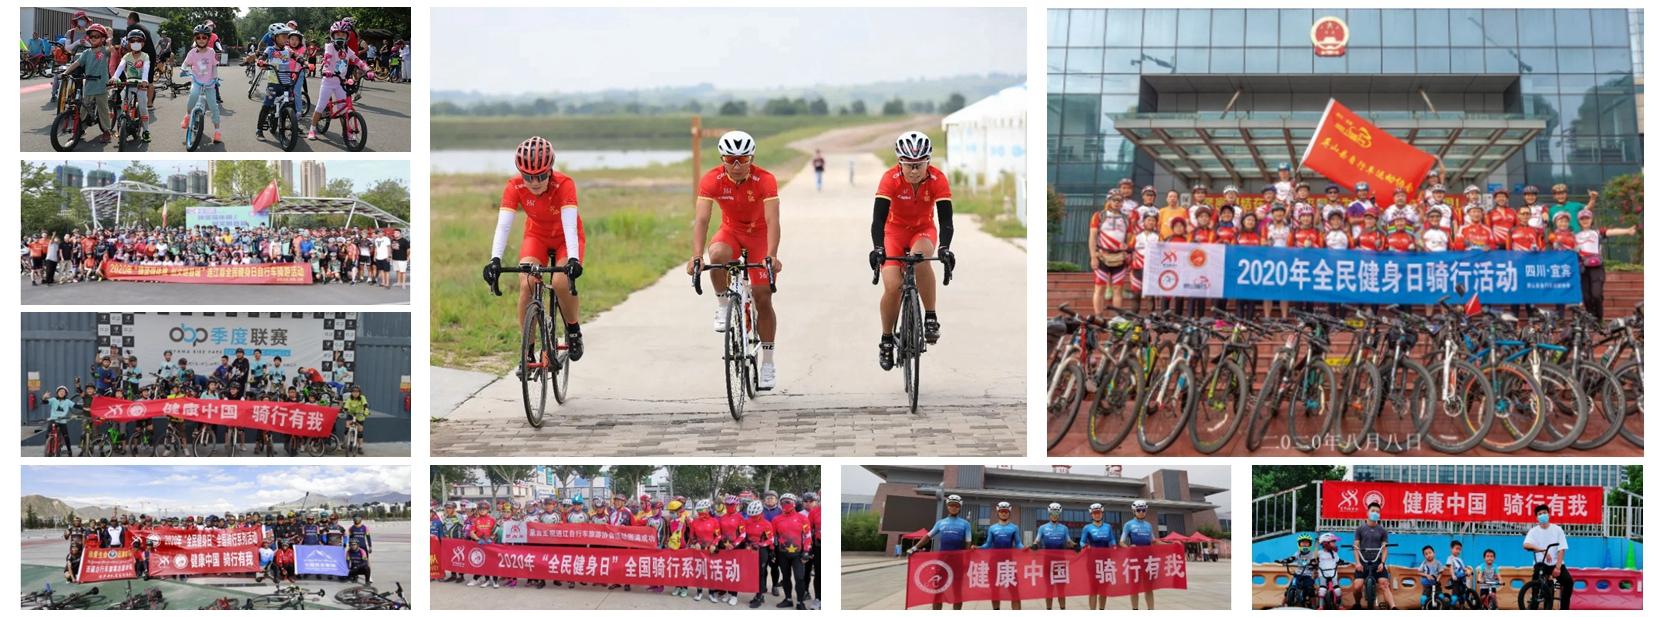 """健康中国骑行有我 2020年""""全民健身日""""全国群众骑行系列活动全面启动"""